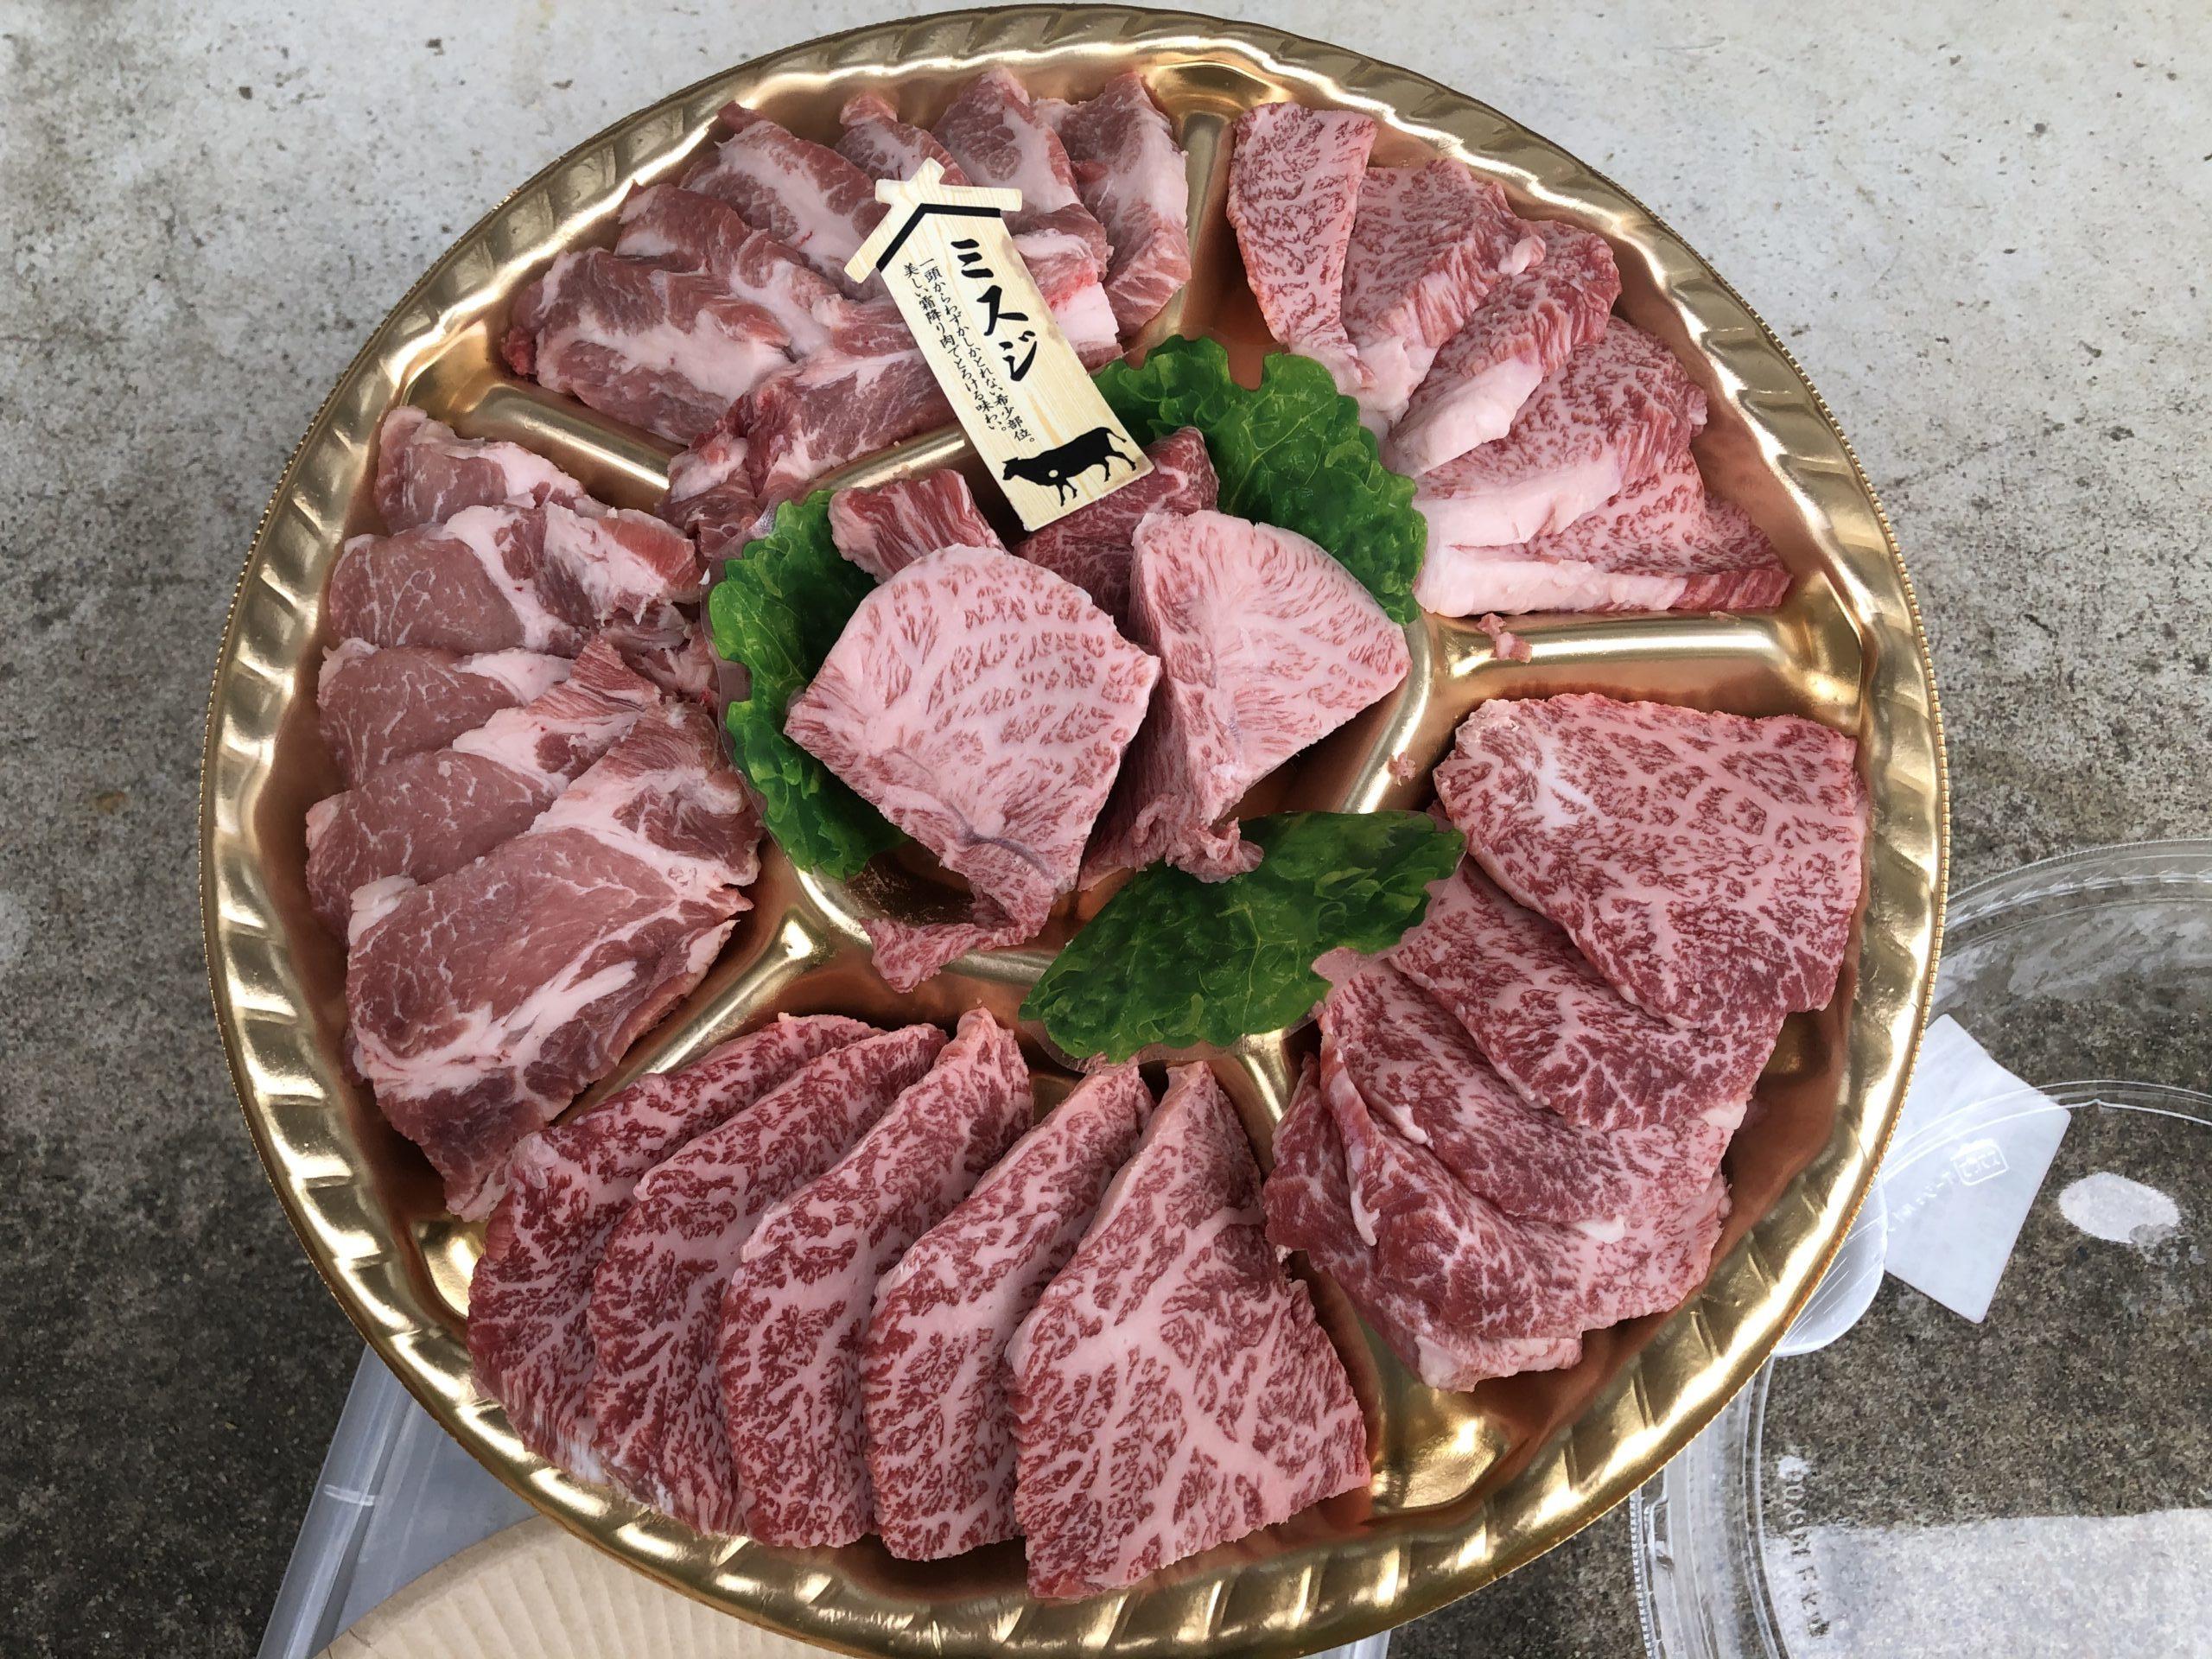 【アイモバリアルグルメツアー】飛騨エリアの飛騨牛を朝飯として贅沢にいただく